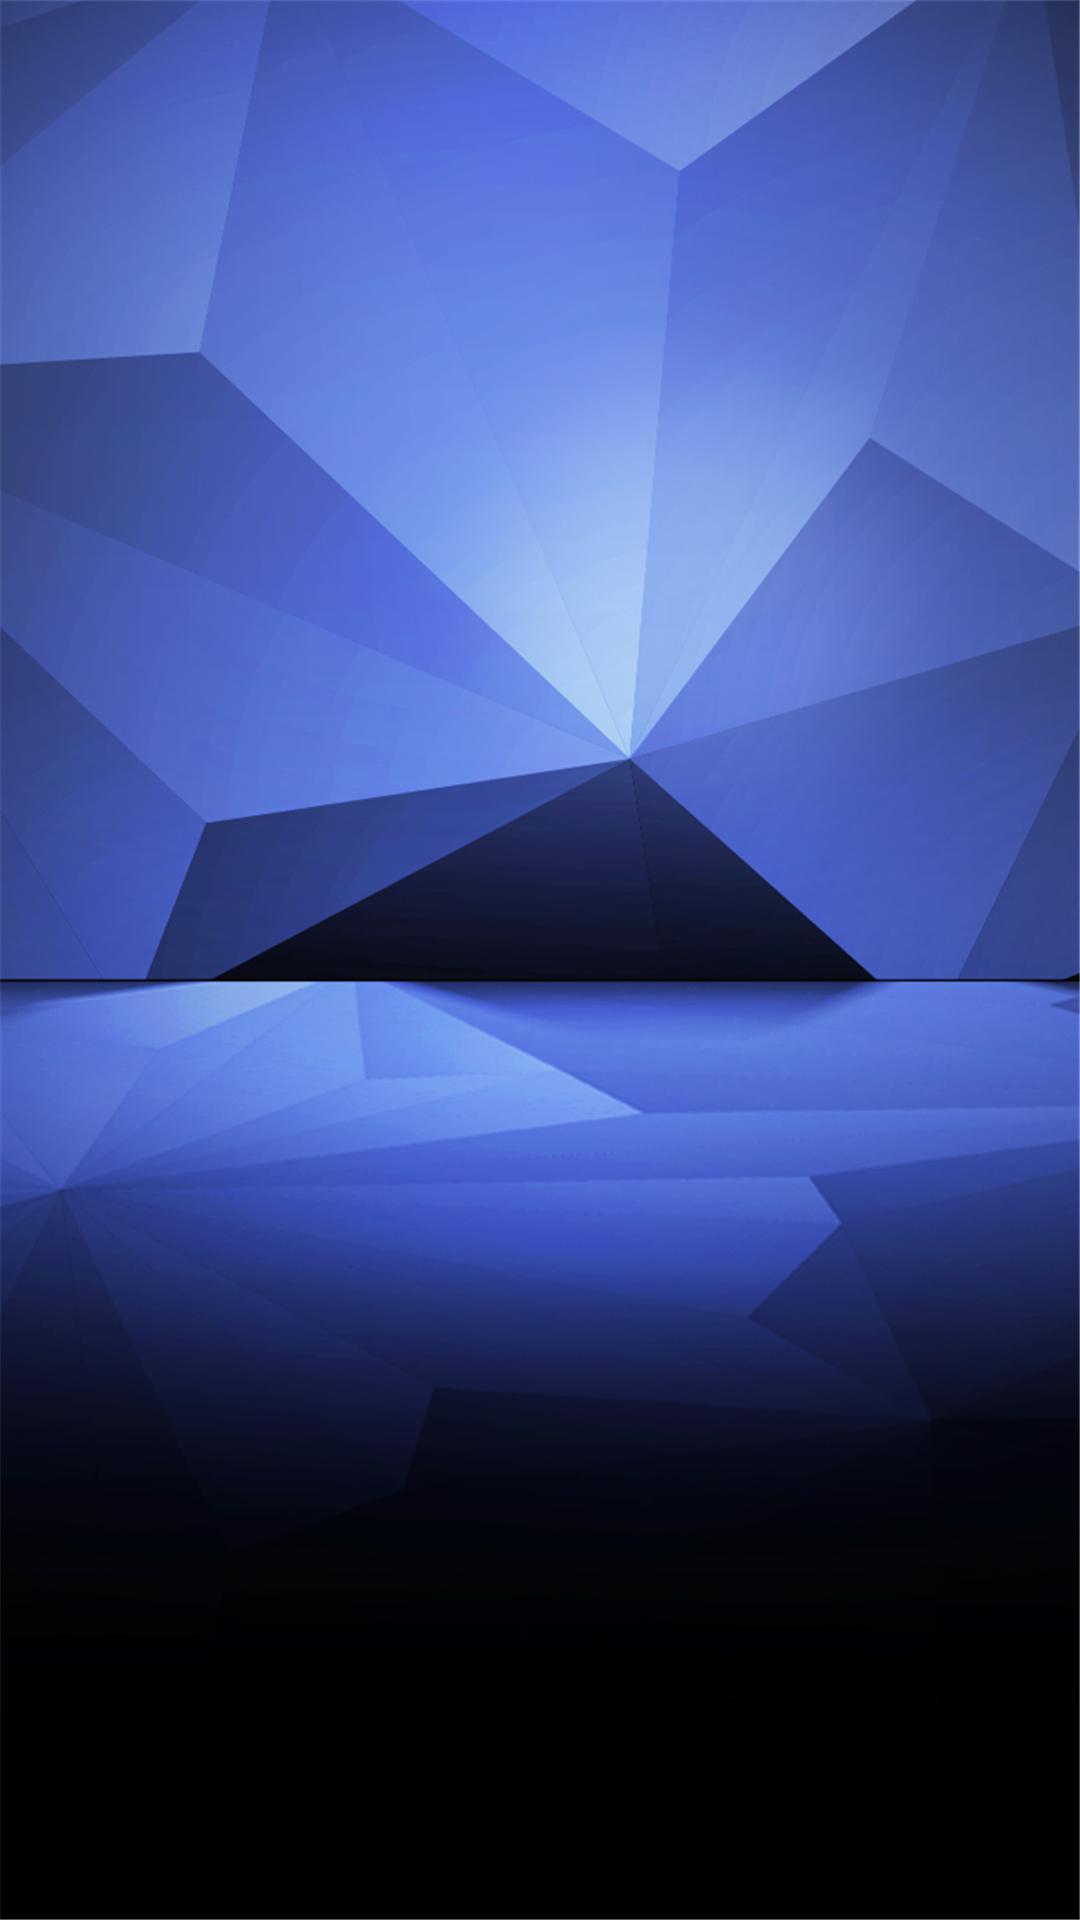 Good Wallpapers Iphone Download Asus Fonepad 7 Zenfone 2 Deluxe And Zenfone 5